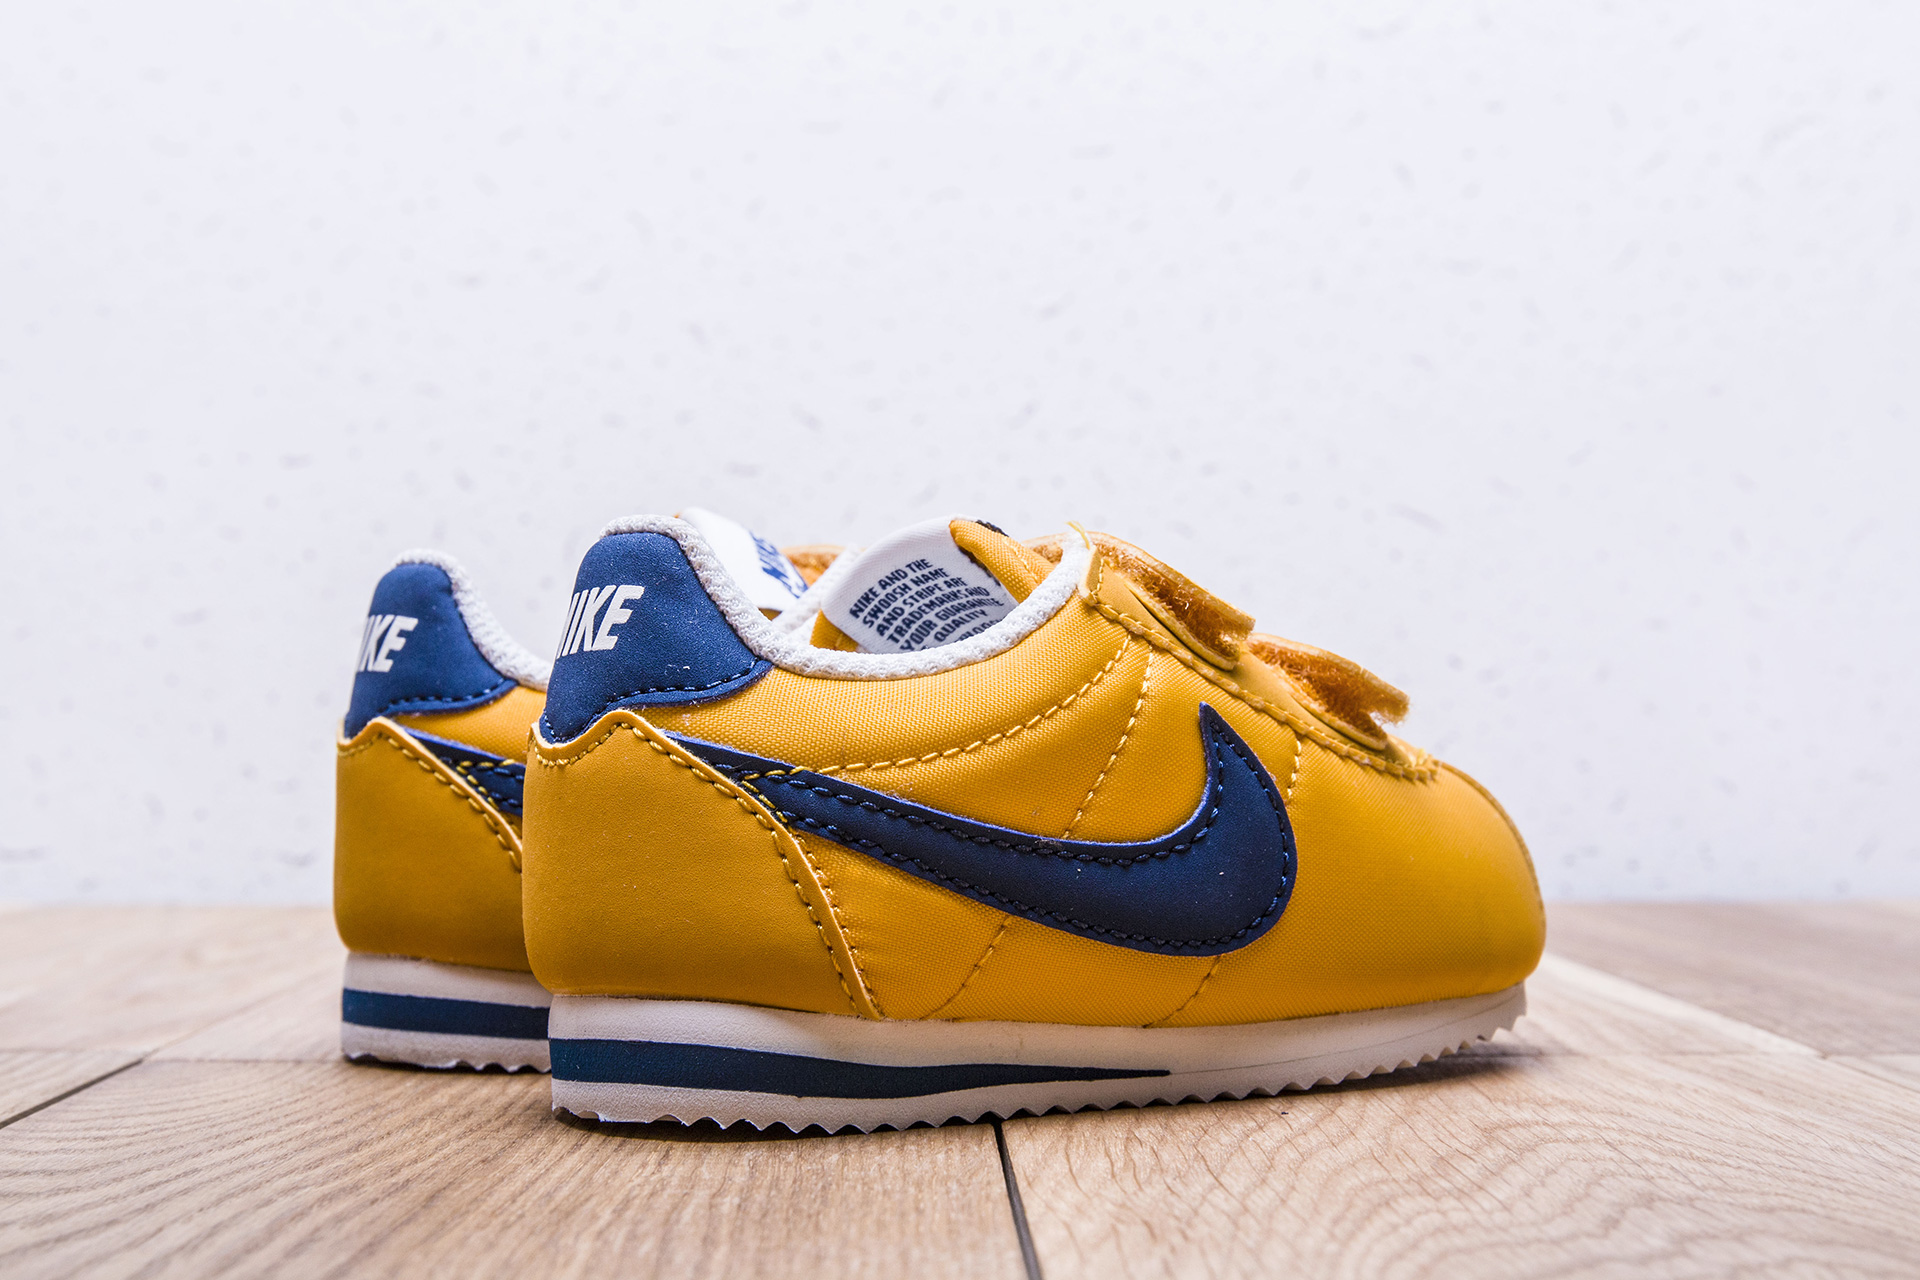 8159f60c ... Купить детские желтые кроссовки Nike Cortez Nylon TDV - фото 4 картинки  ...